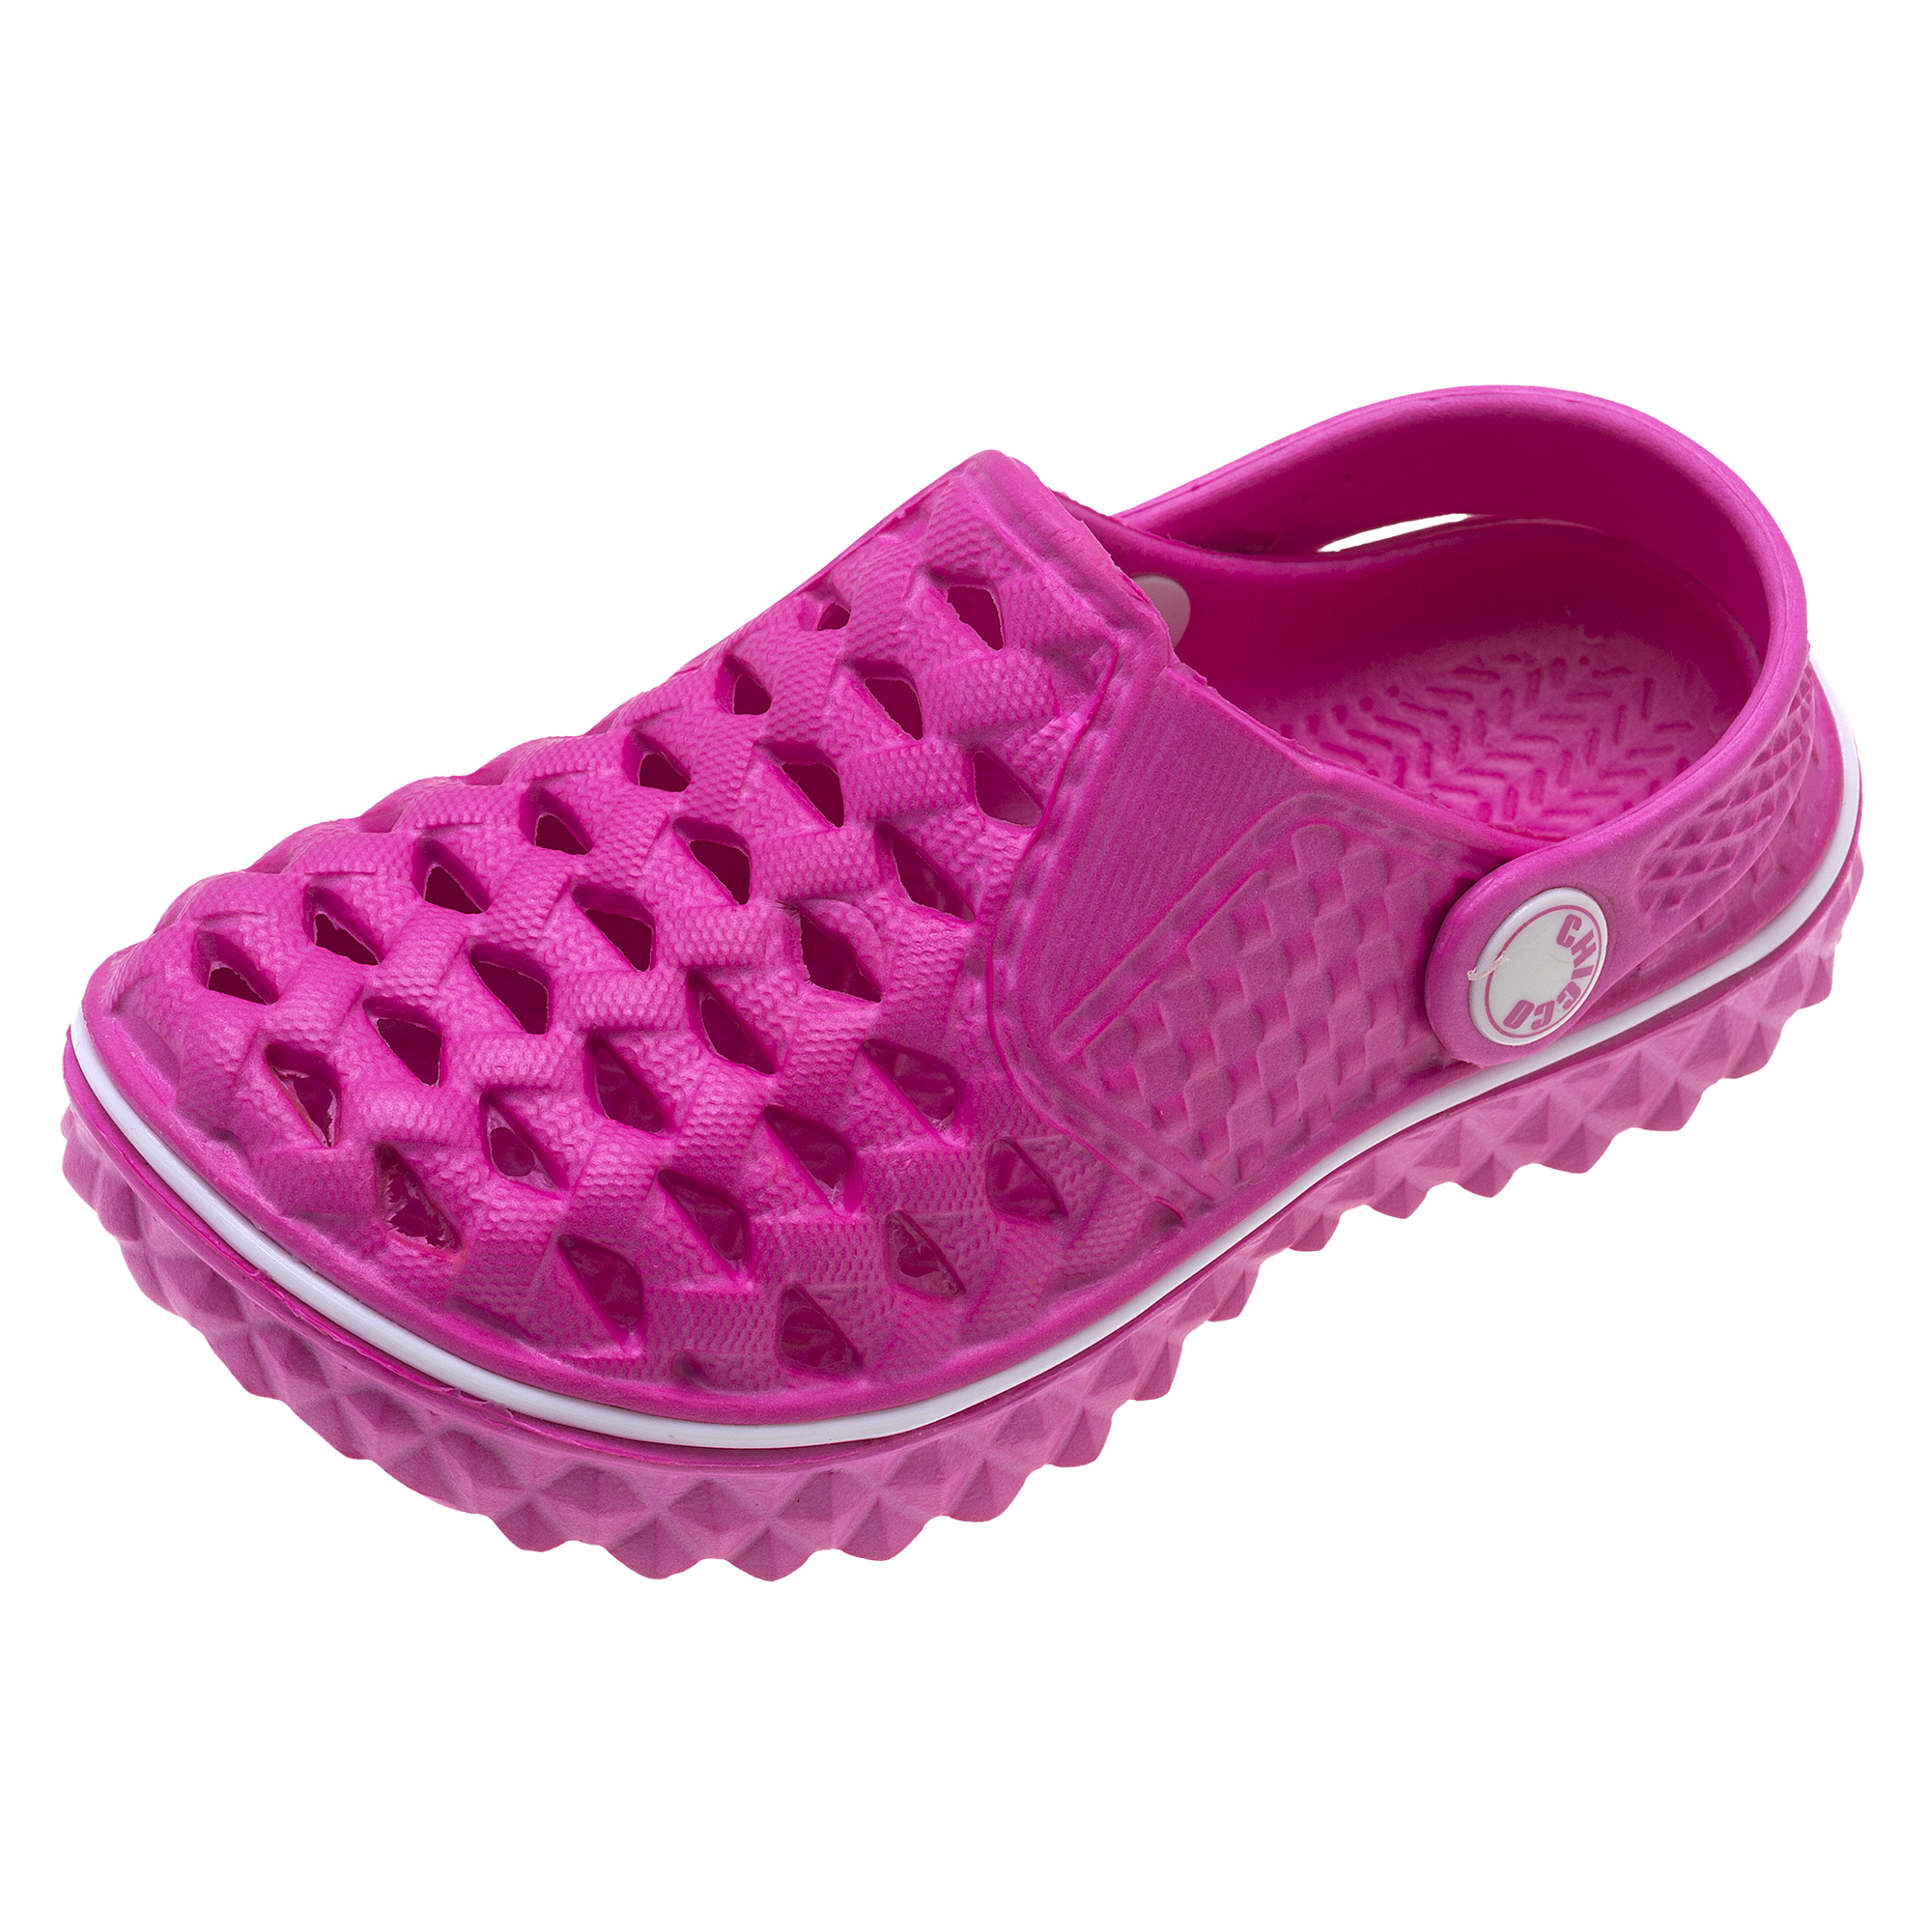 Papuci De Plaja Pentru Copii Chicco Mango, Fuchsia, 61751 imagine